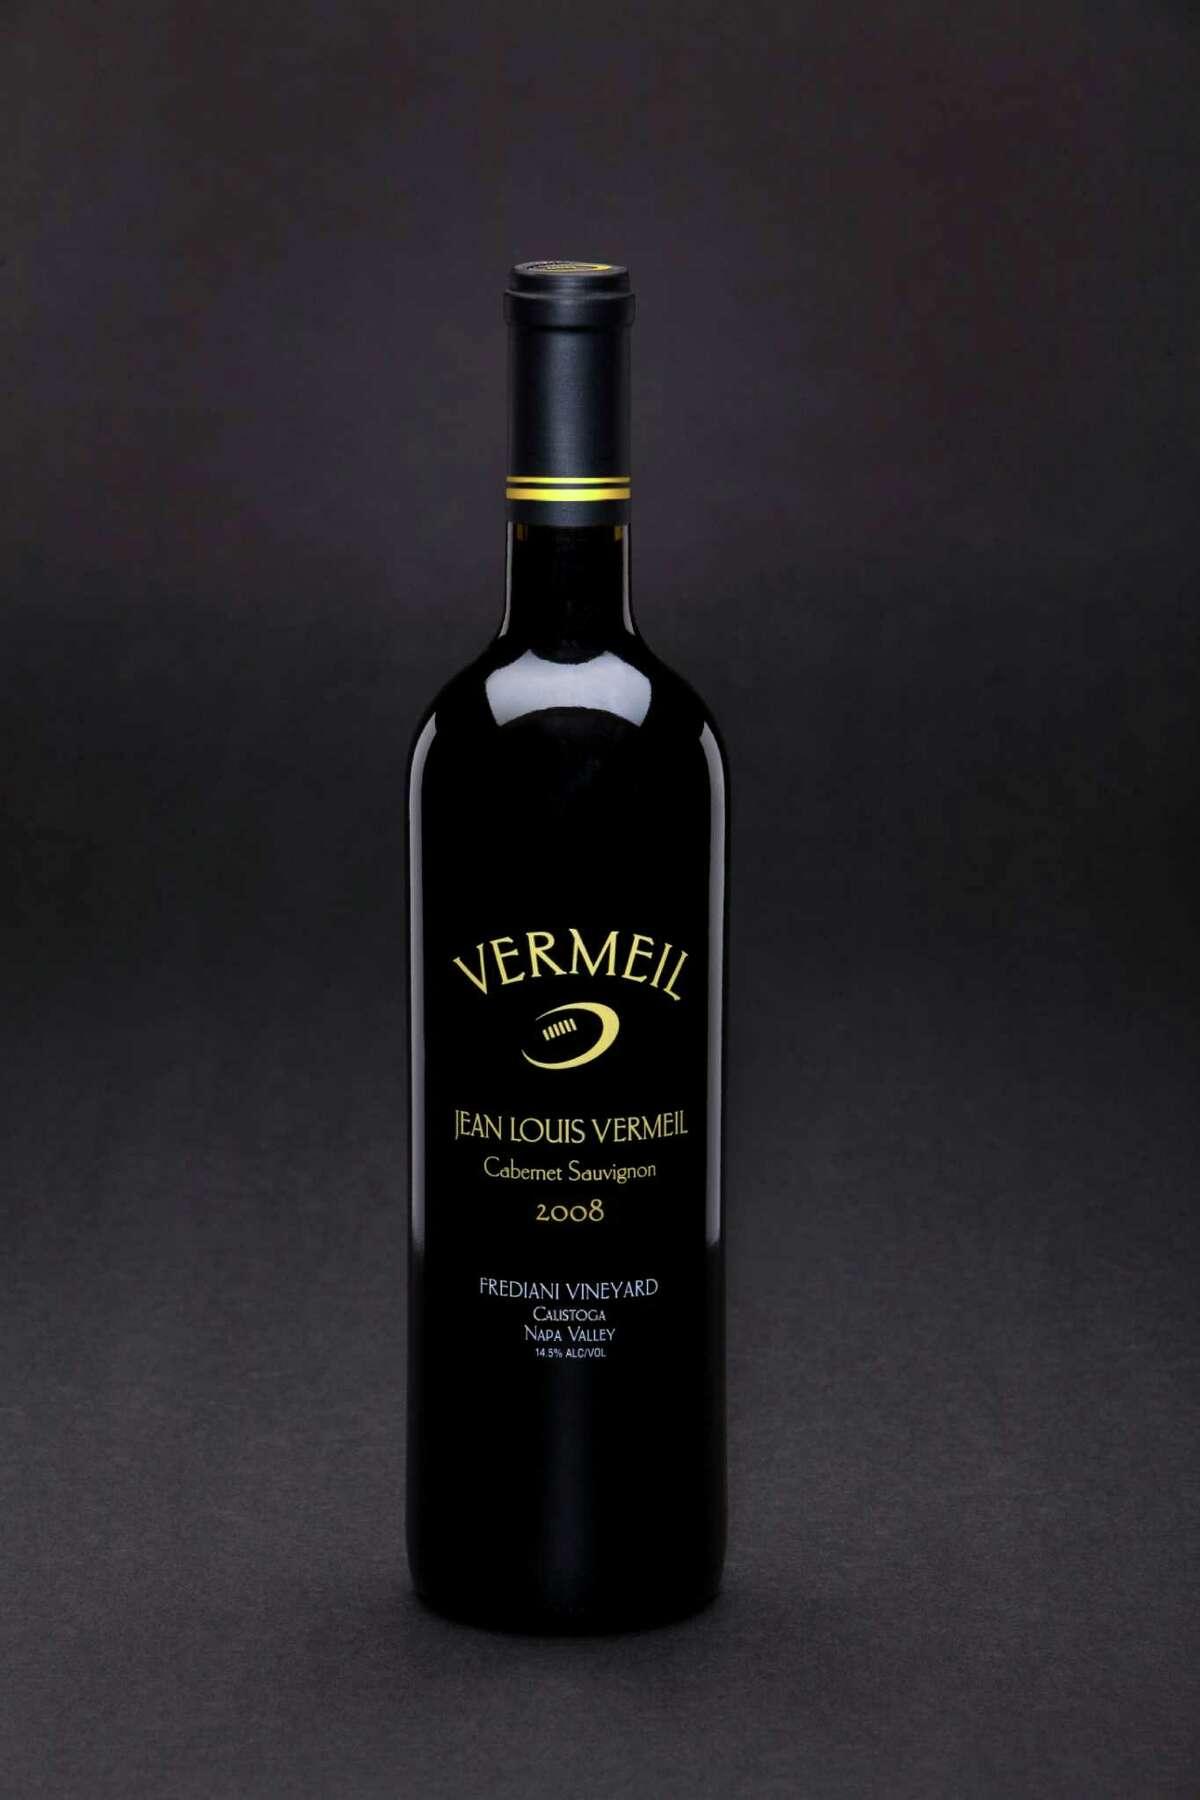 Vermeil Winery's Jean Louis Vermeil 2008 cabernet sauvignon